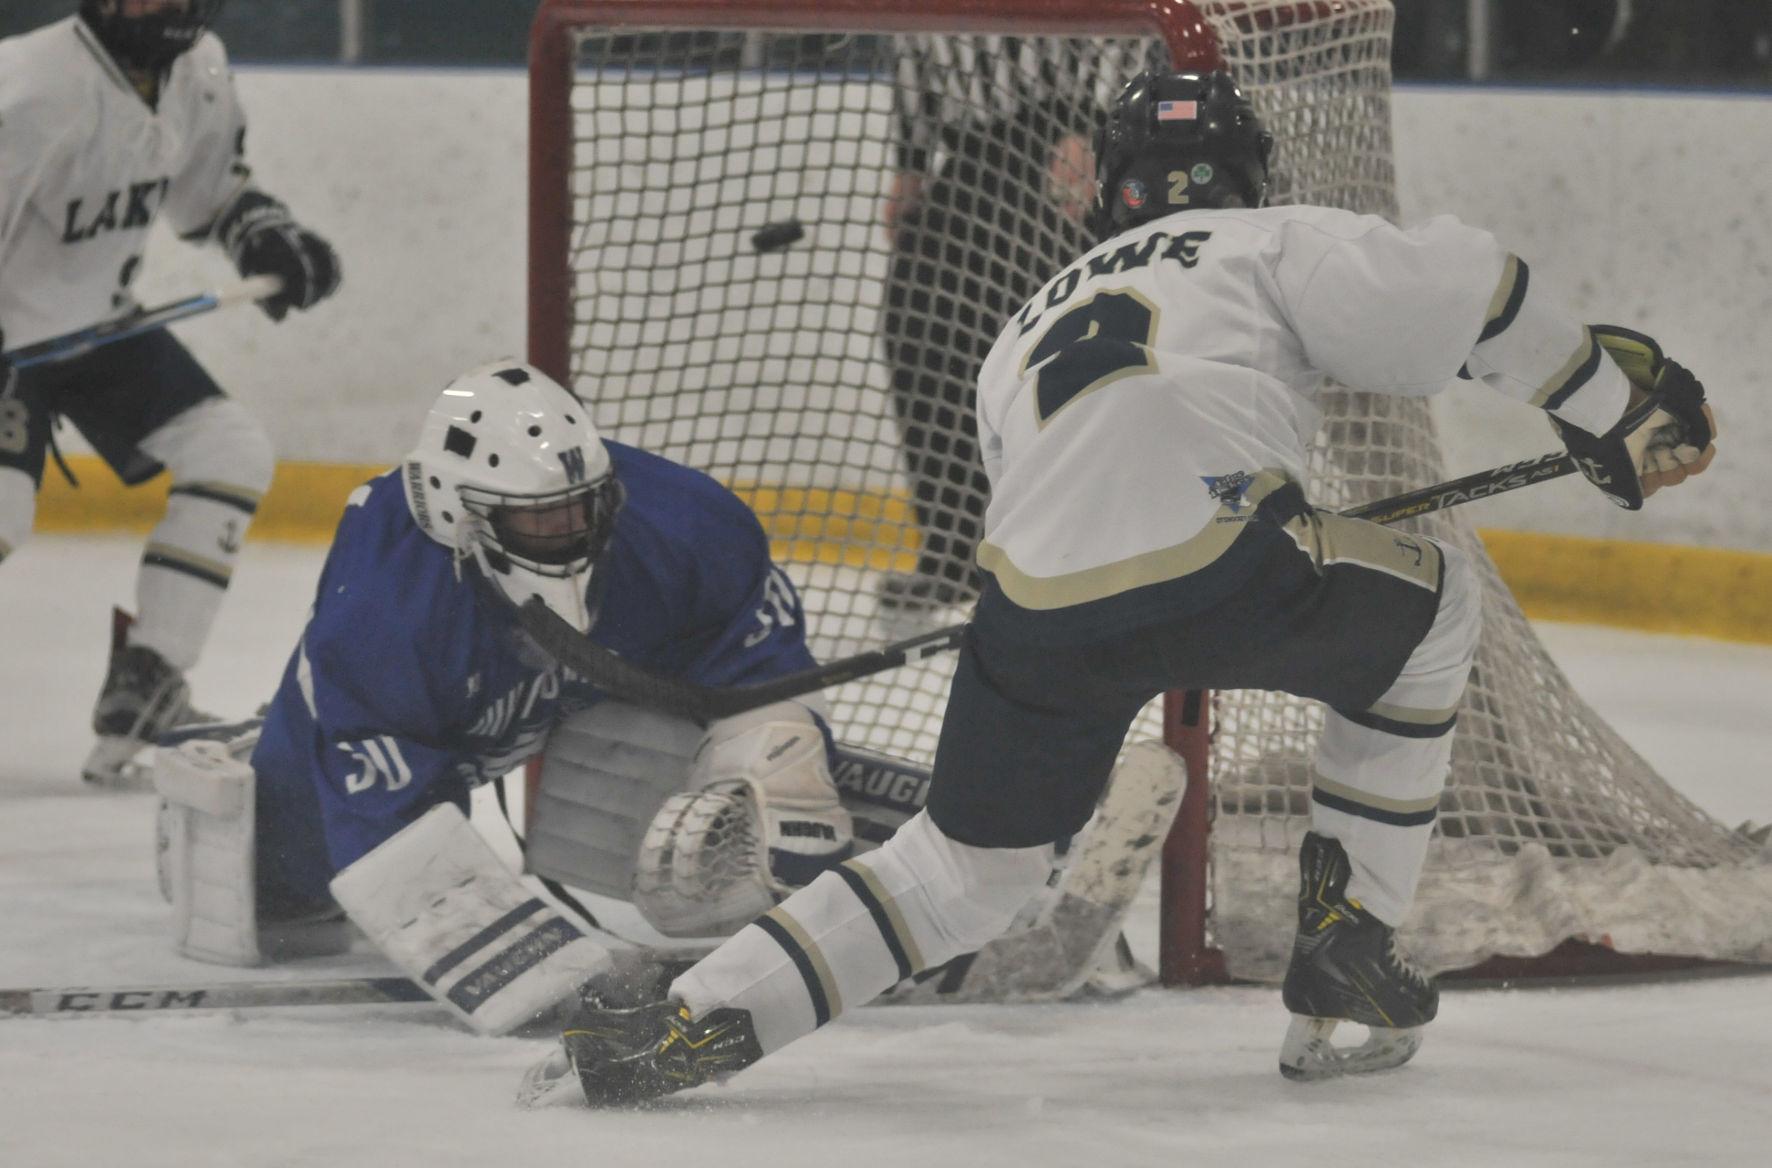 Hockey teammates banging hard inside the locker room